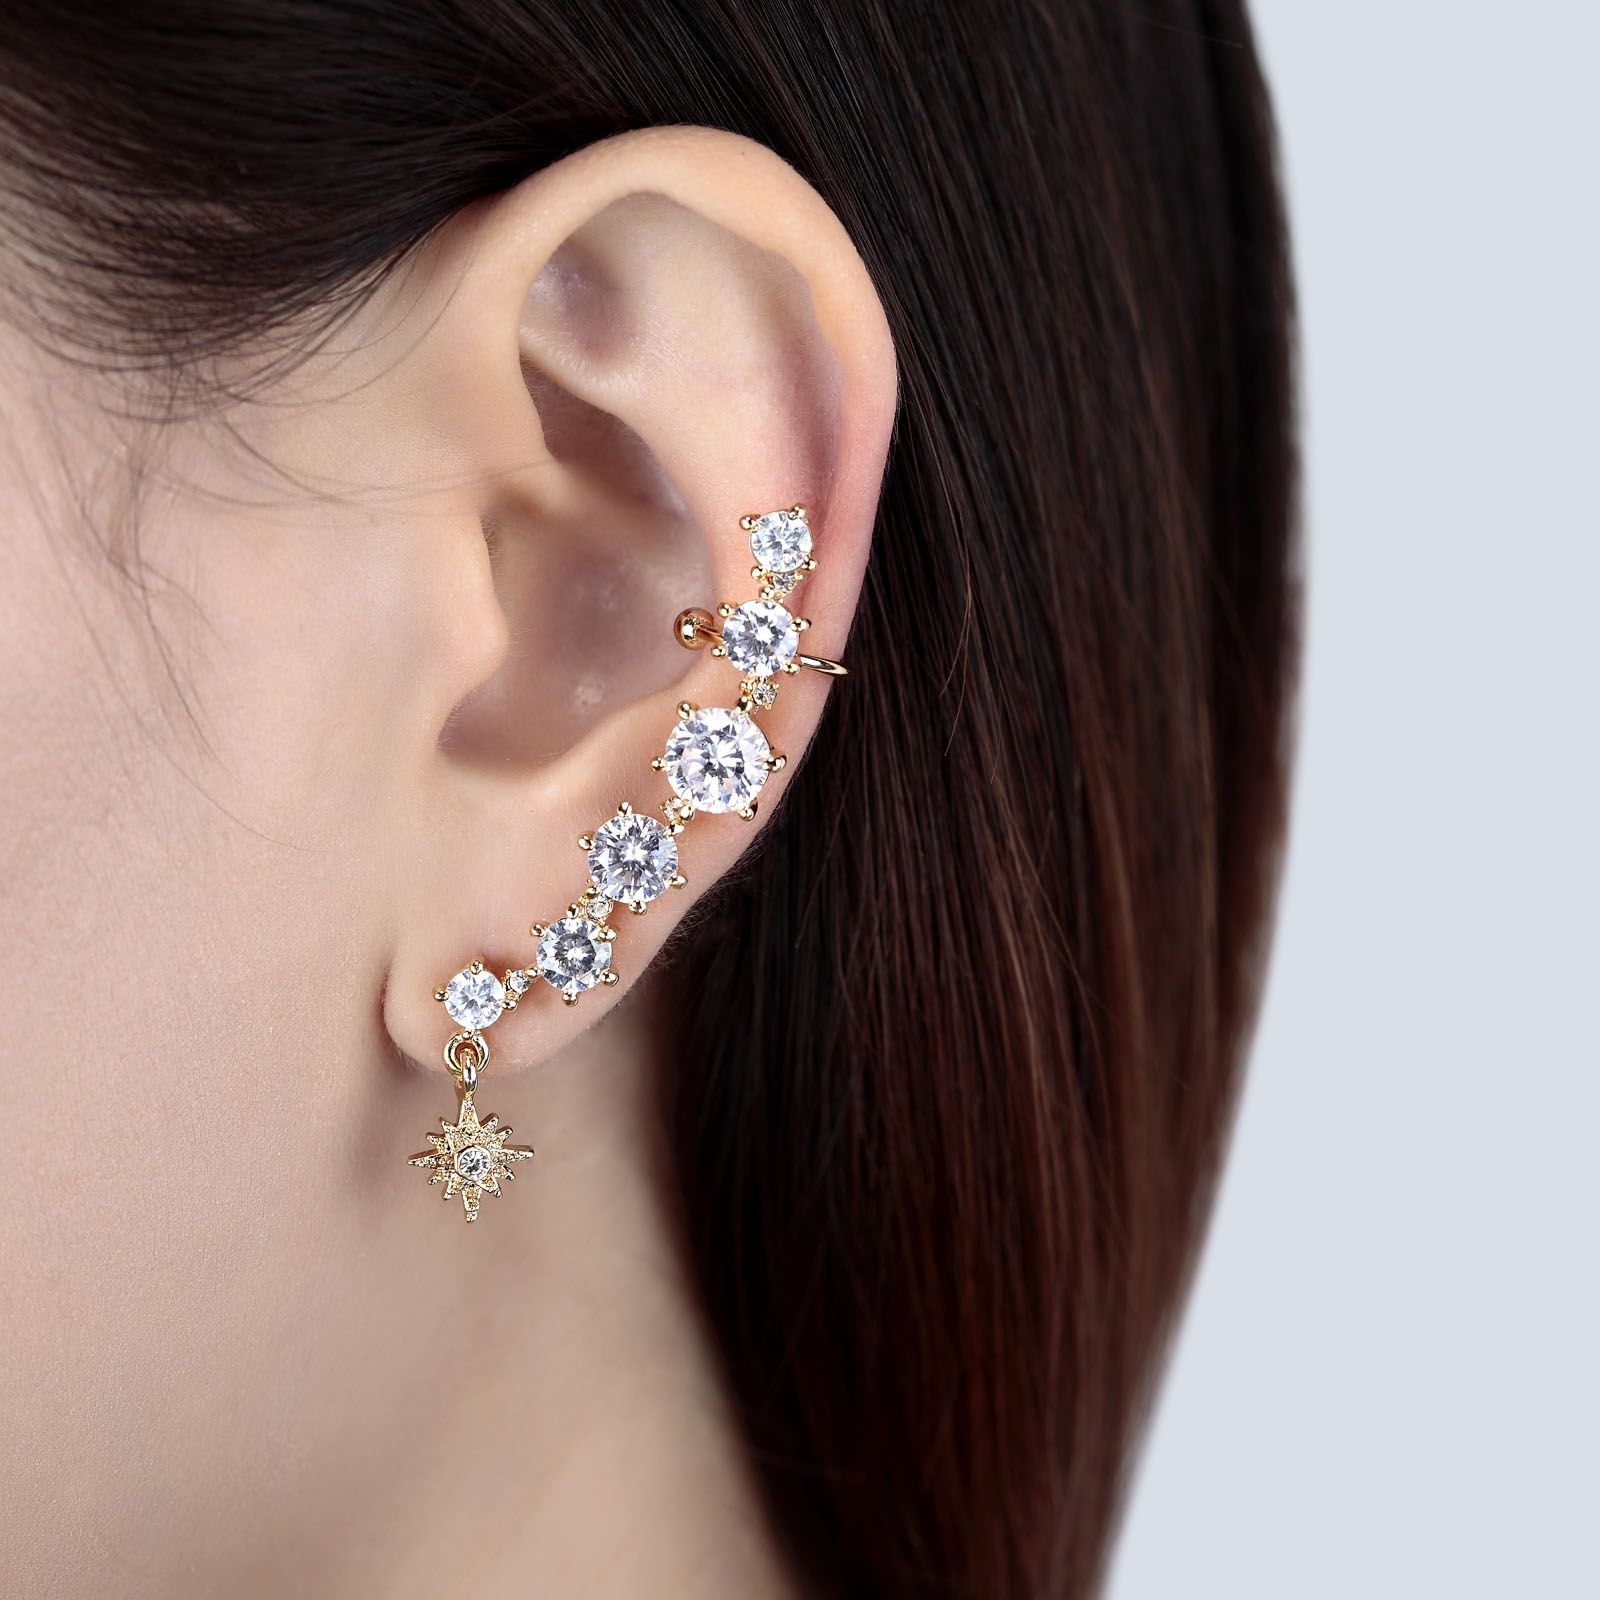 Cubic Zirconia Non Pierced Ear Cuff Earring